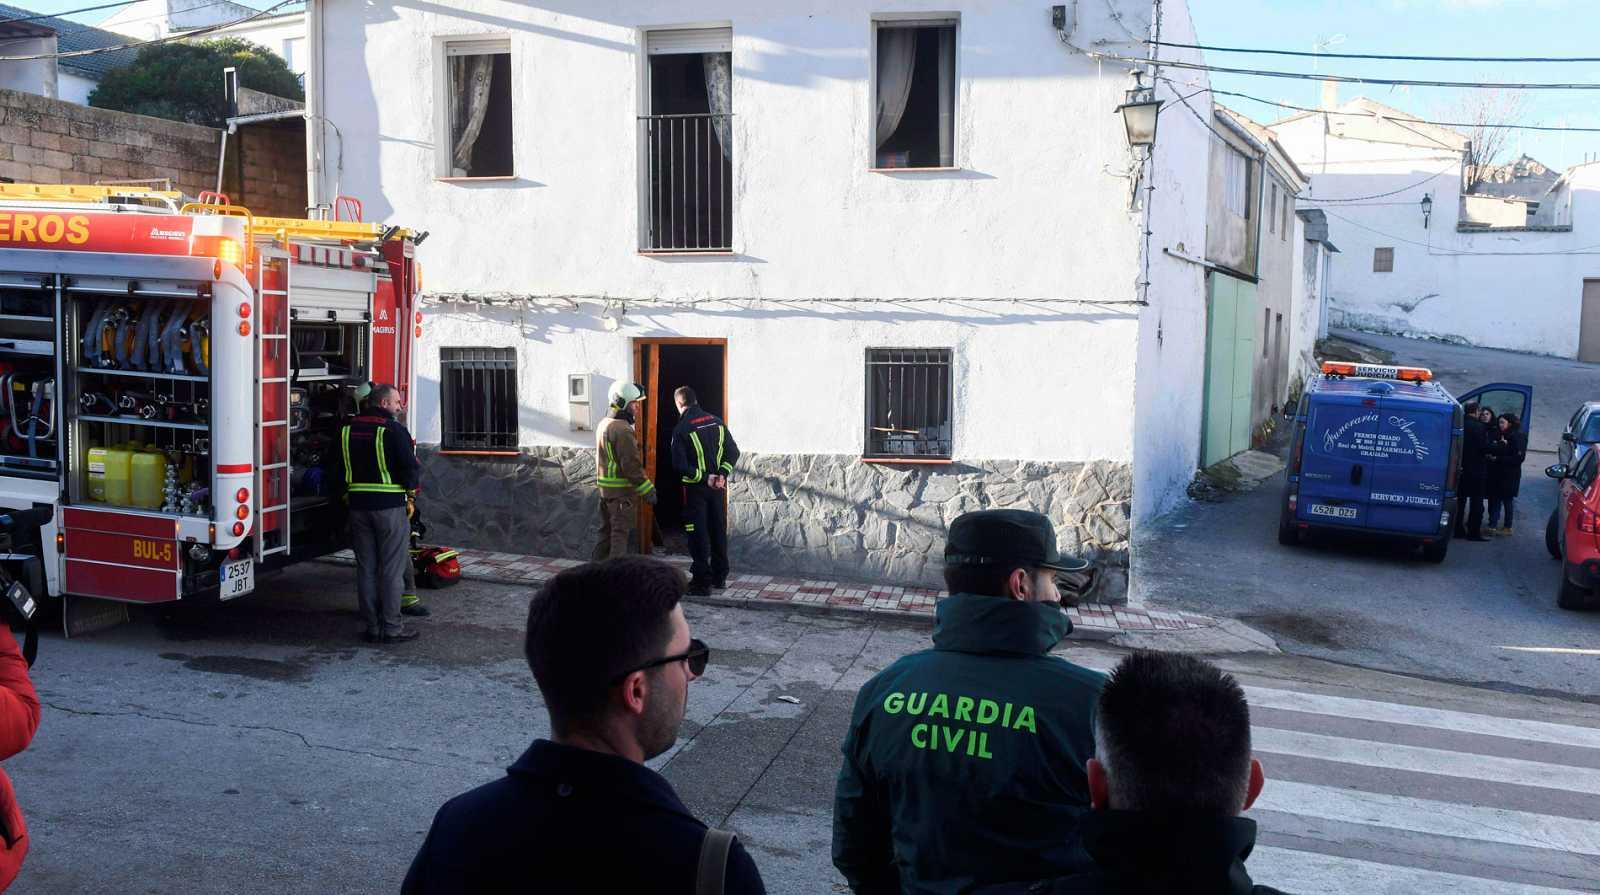 Tres muertos en un incendio provocado por un brasero en Dehesas Viejas, Granada